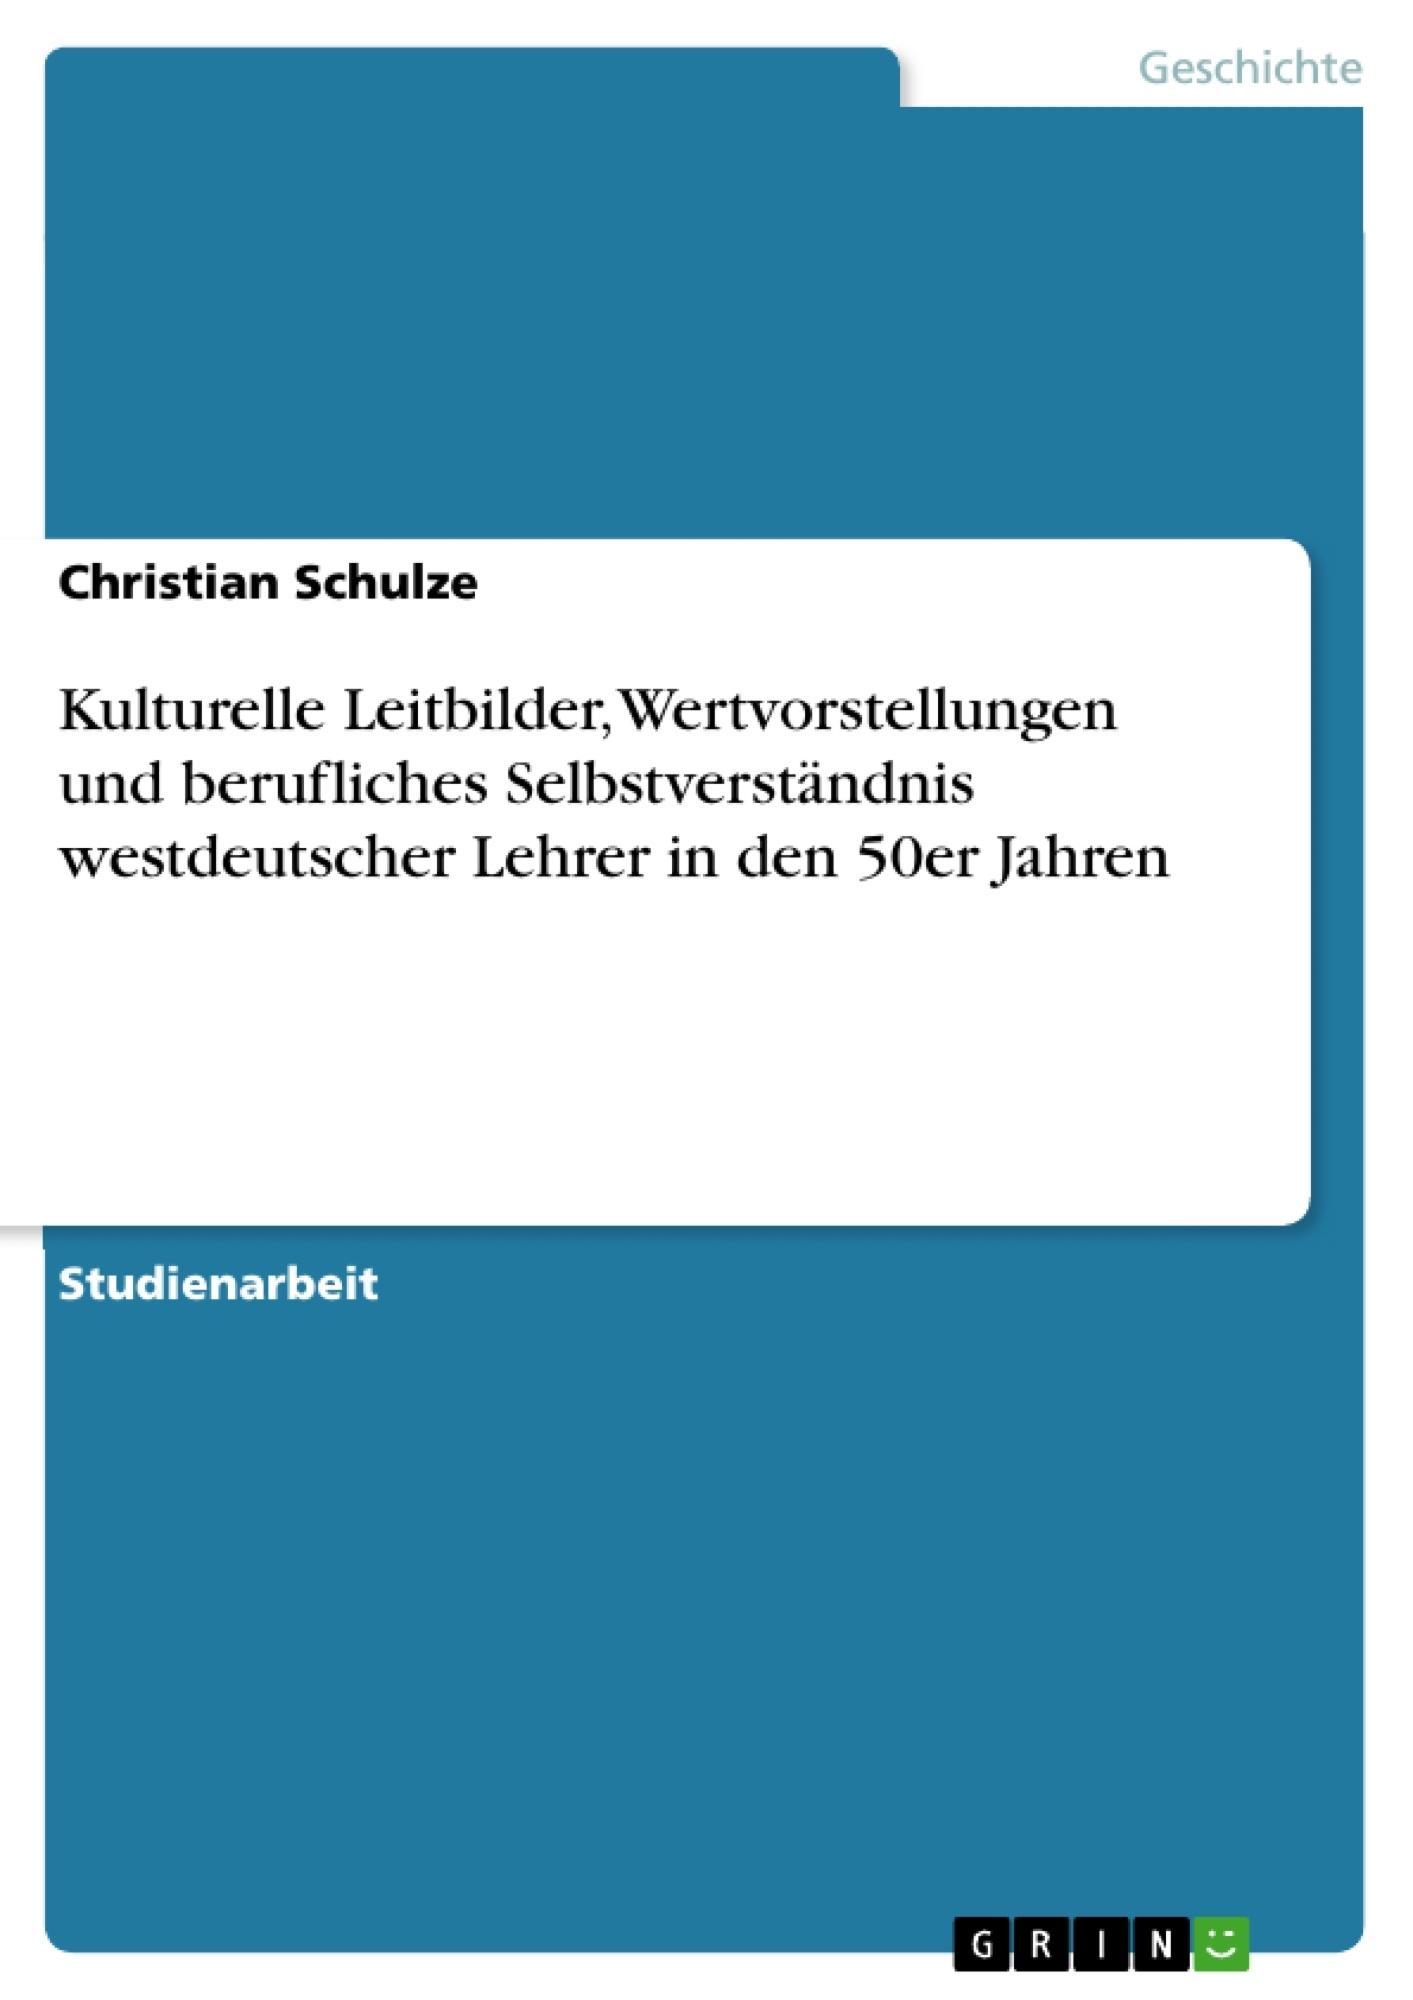 Titel: Kulturelle Leitbilder, Wertvorstellungen und berufliches Selbstverständnis westdeutscher Lehrer in den 50er Jahren